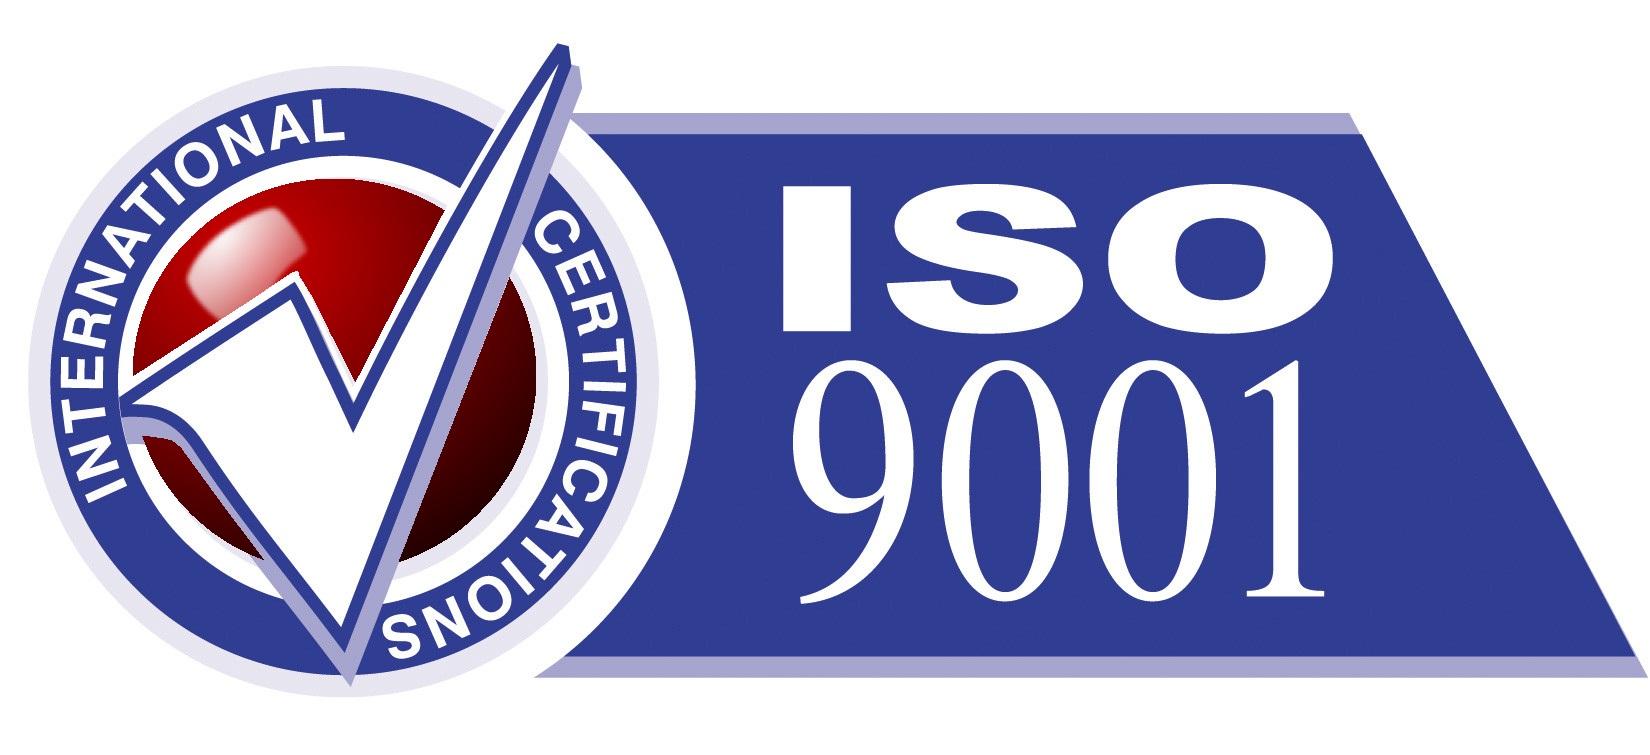 По специальной маркировке, которую можно наносить на этикетки и упаковку товаров, можно сразу узнать о пройденной сертификации по ИСО.